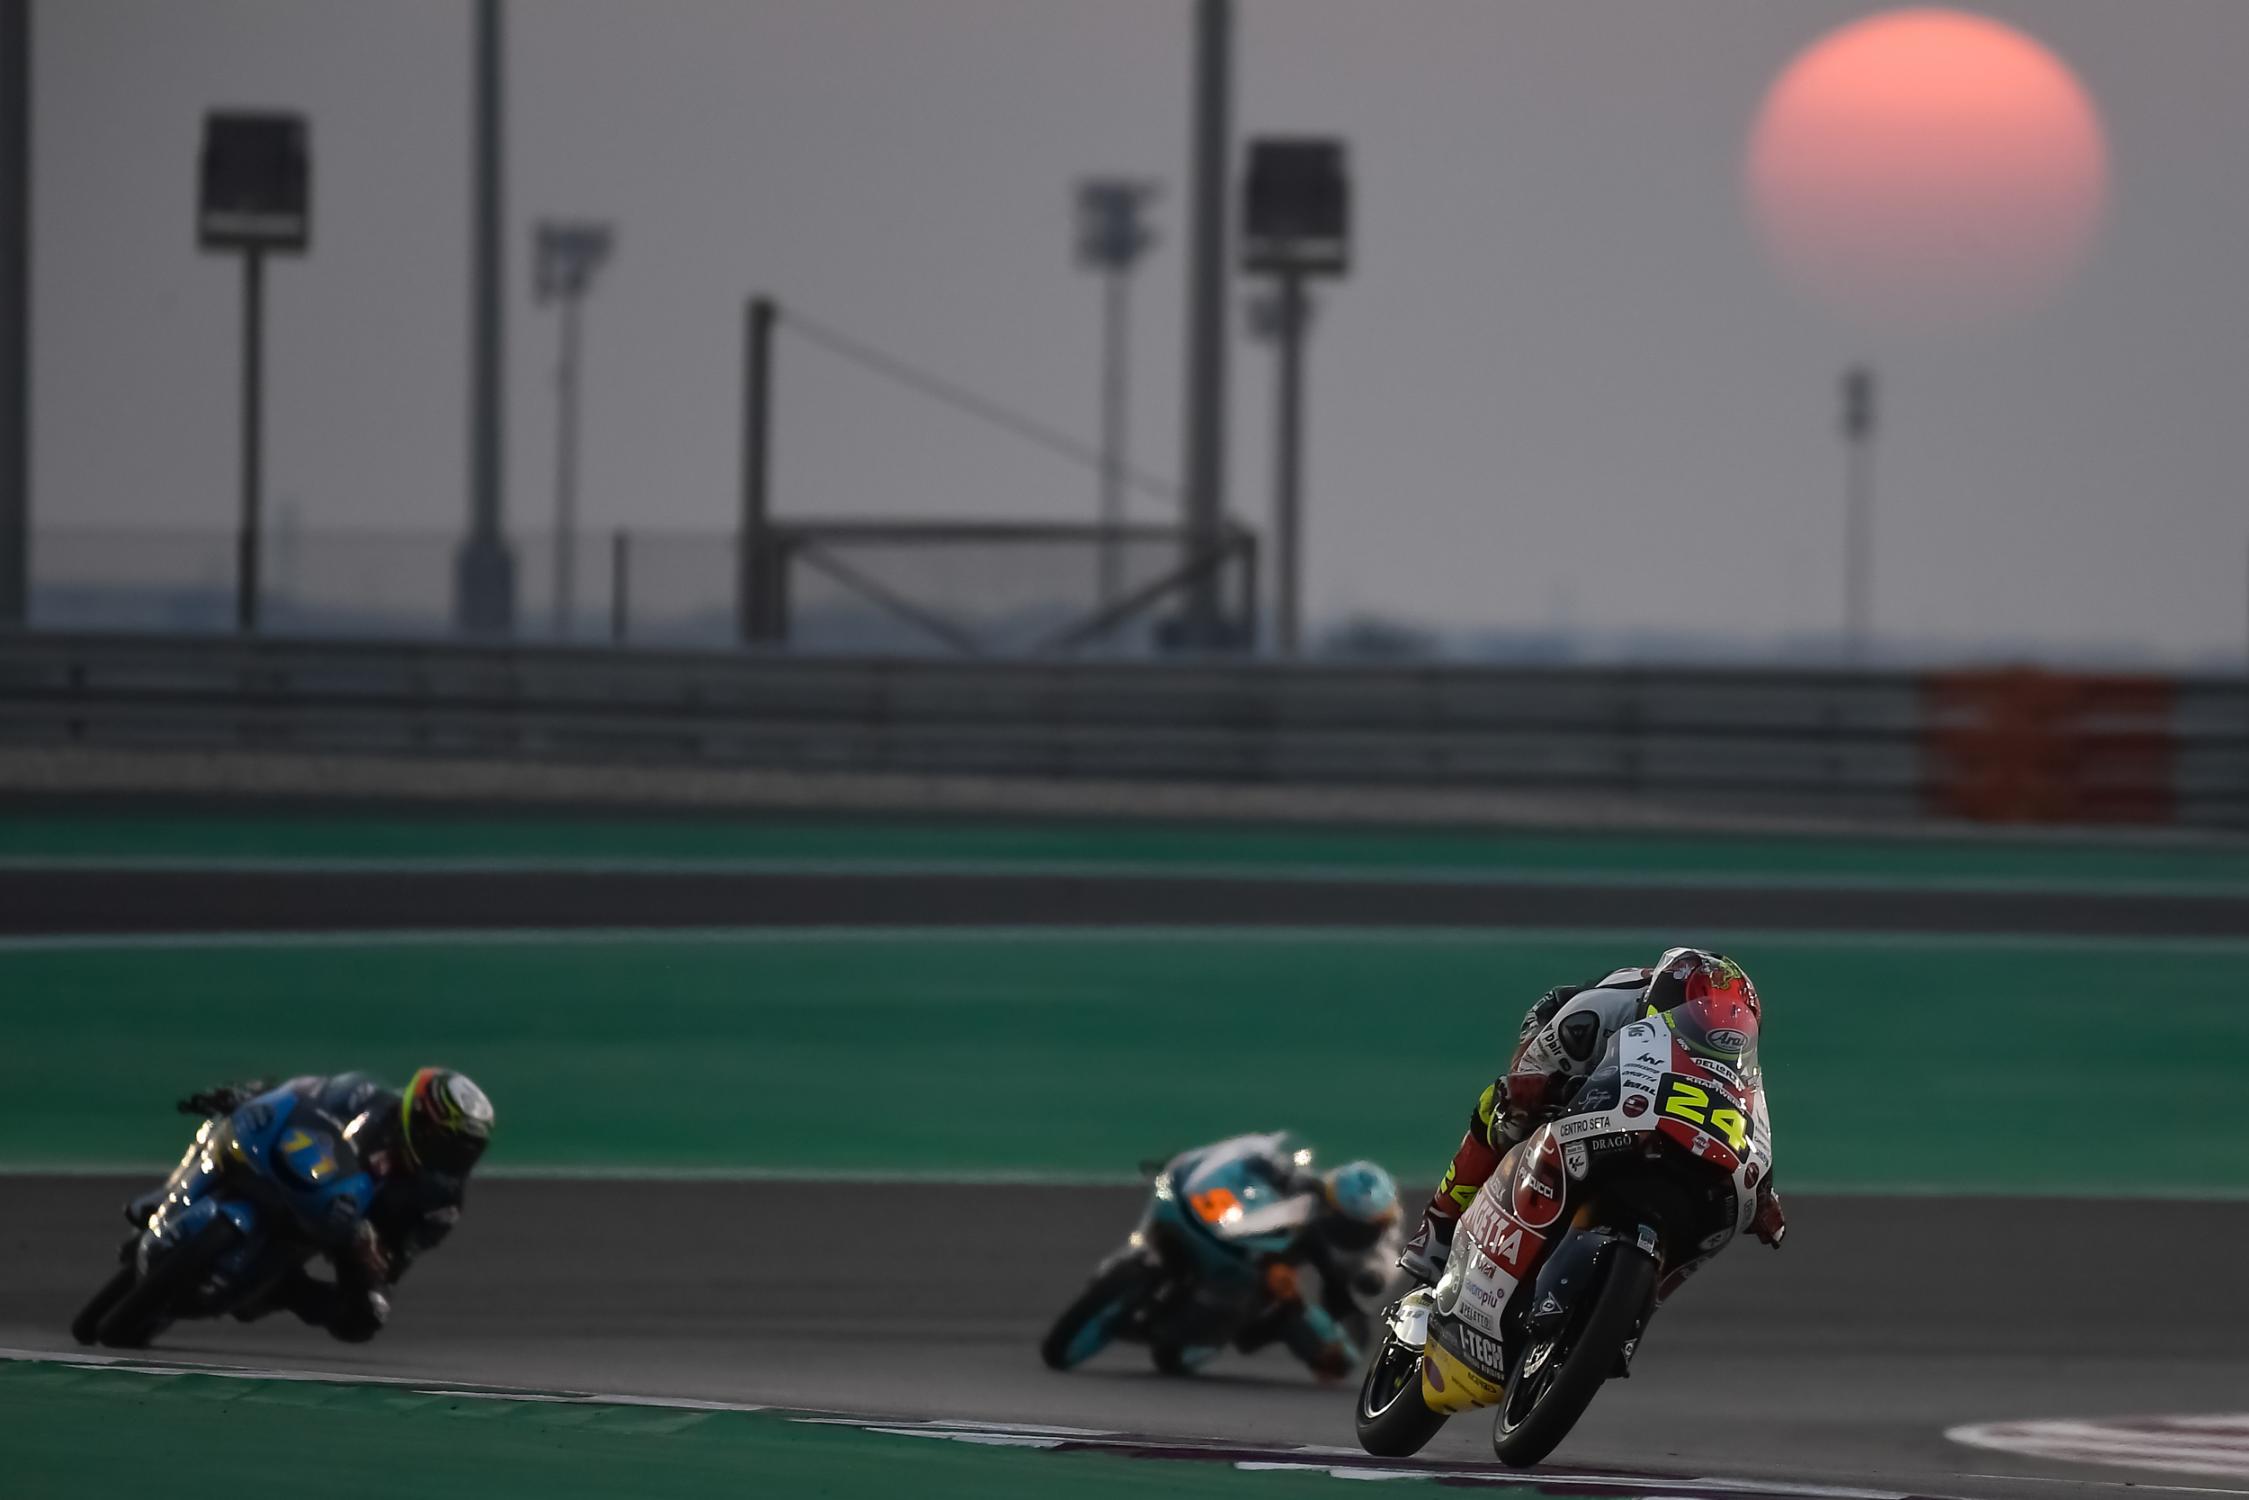 Výsledky závodů MotoGP Kataru 2020